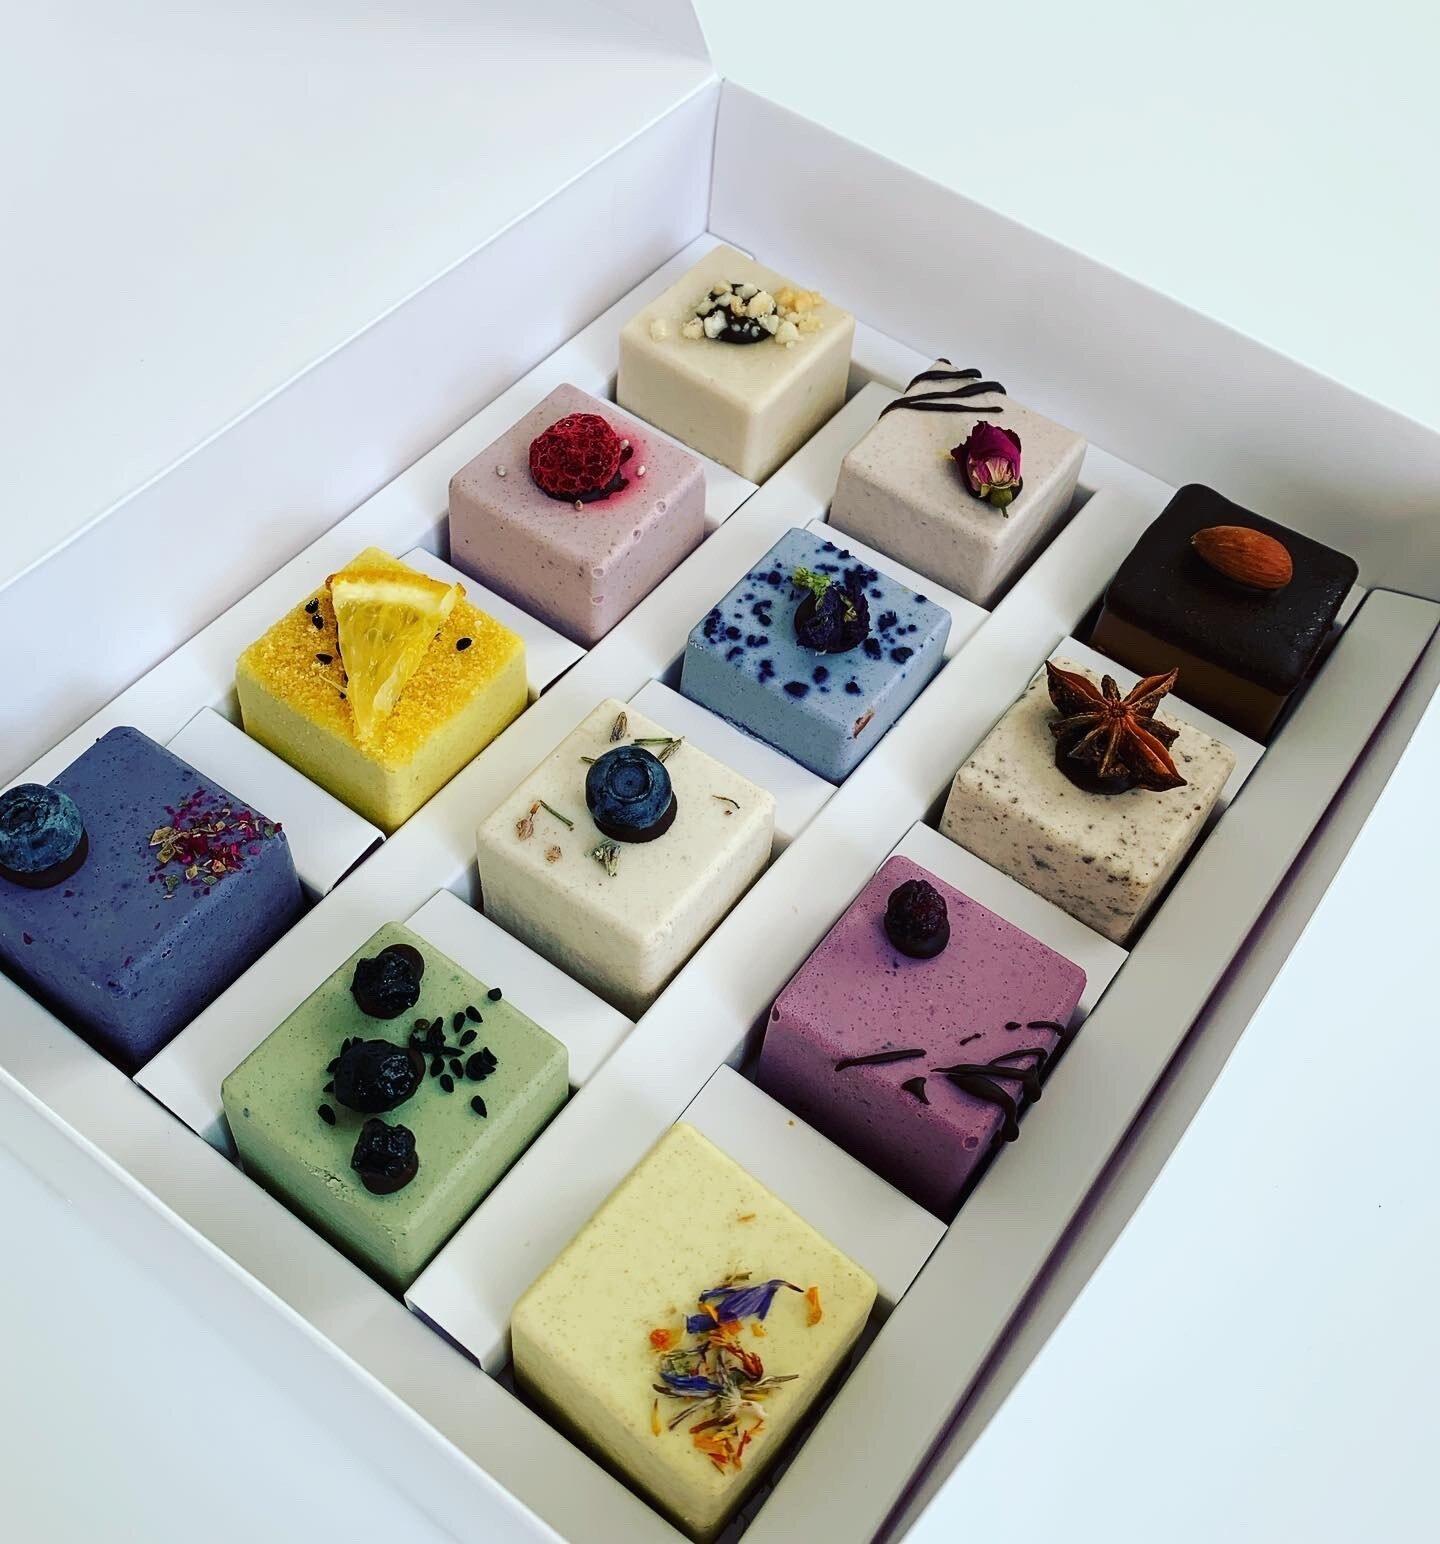 Мини-десерты Sweet Green в ассортименте, 43 г - фото pic_324d10ed731ca0d13a9395f09ba59633_1920x9000_1.jpg